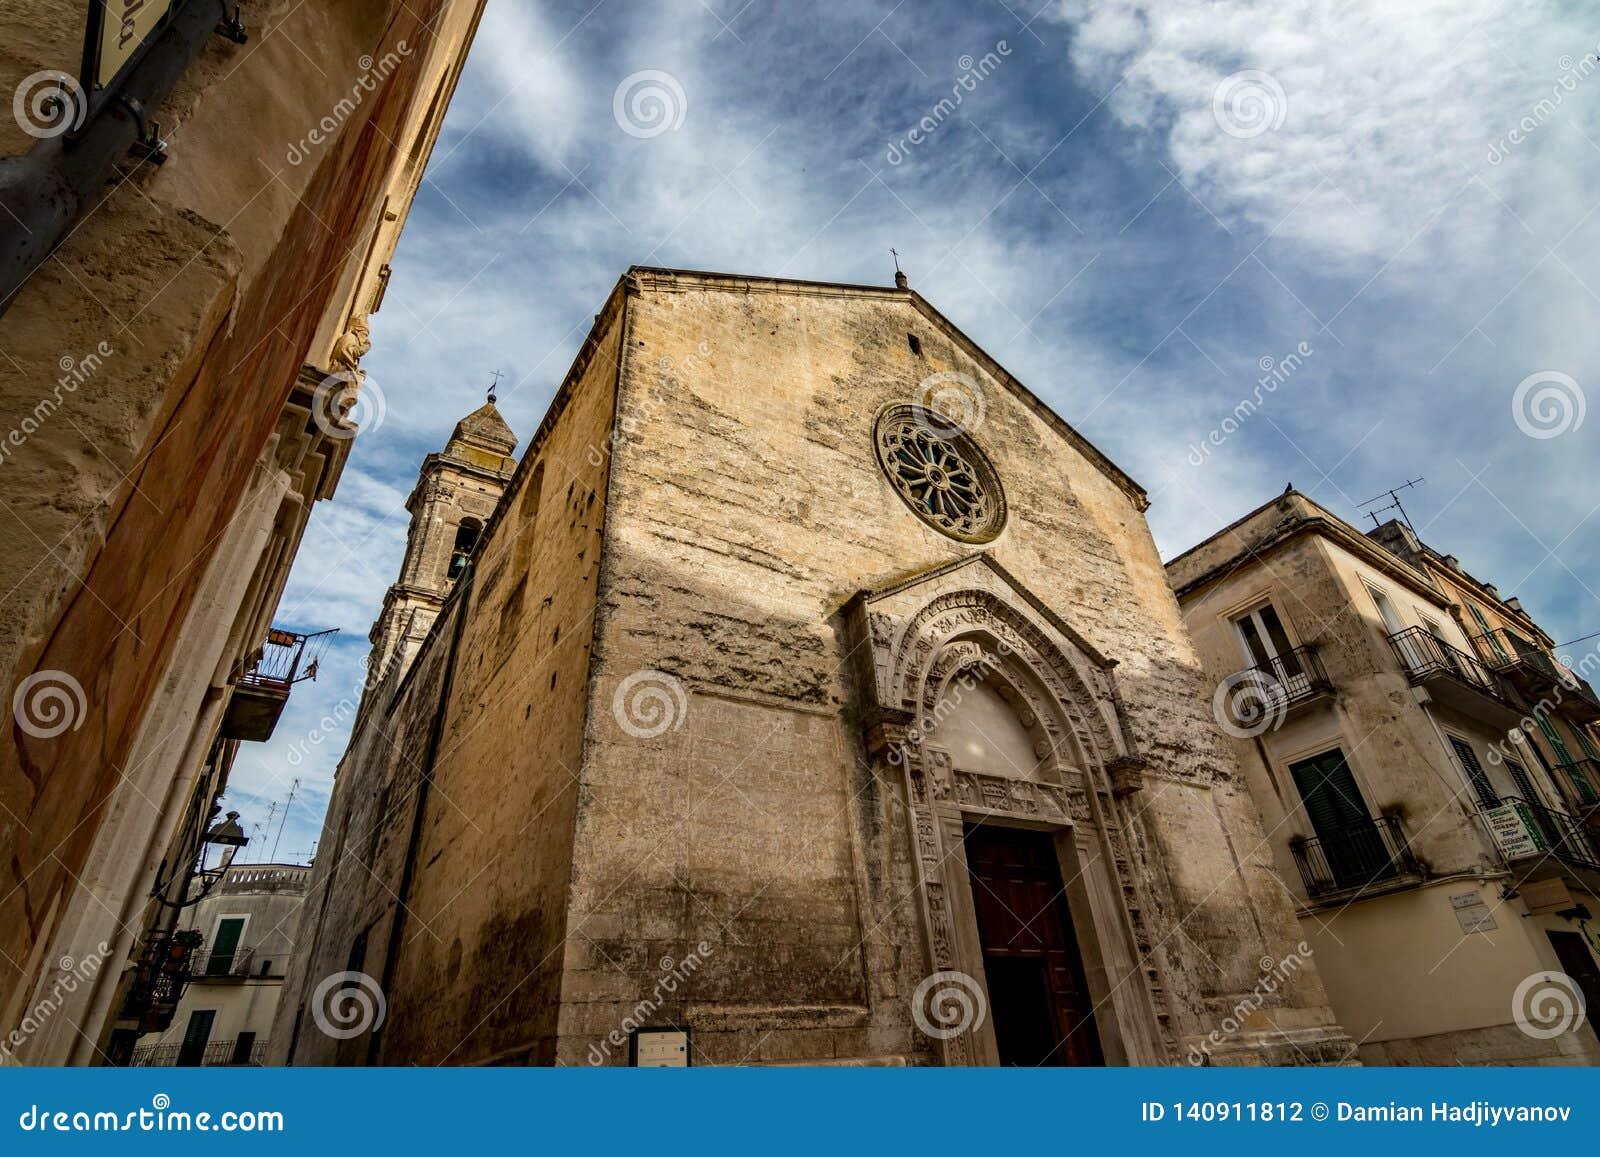 Stunning Italian church in cloudy summer day